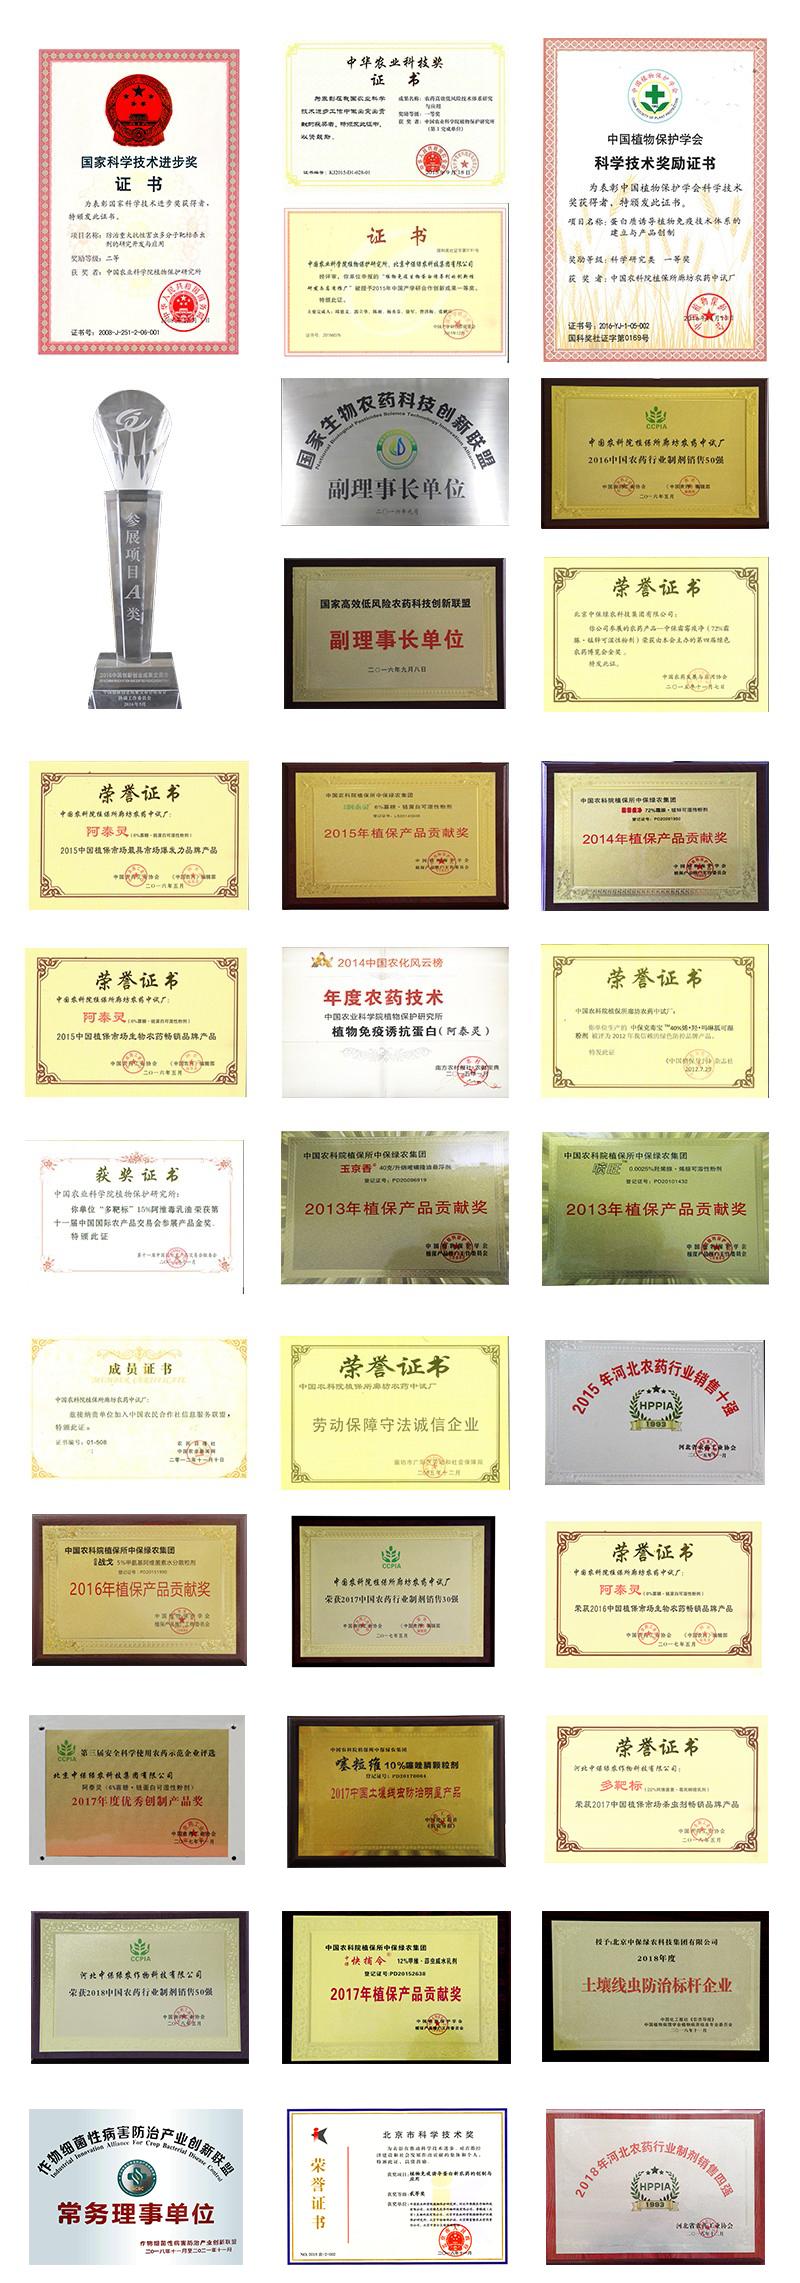 获奖证书集锦.jpg